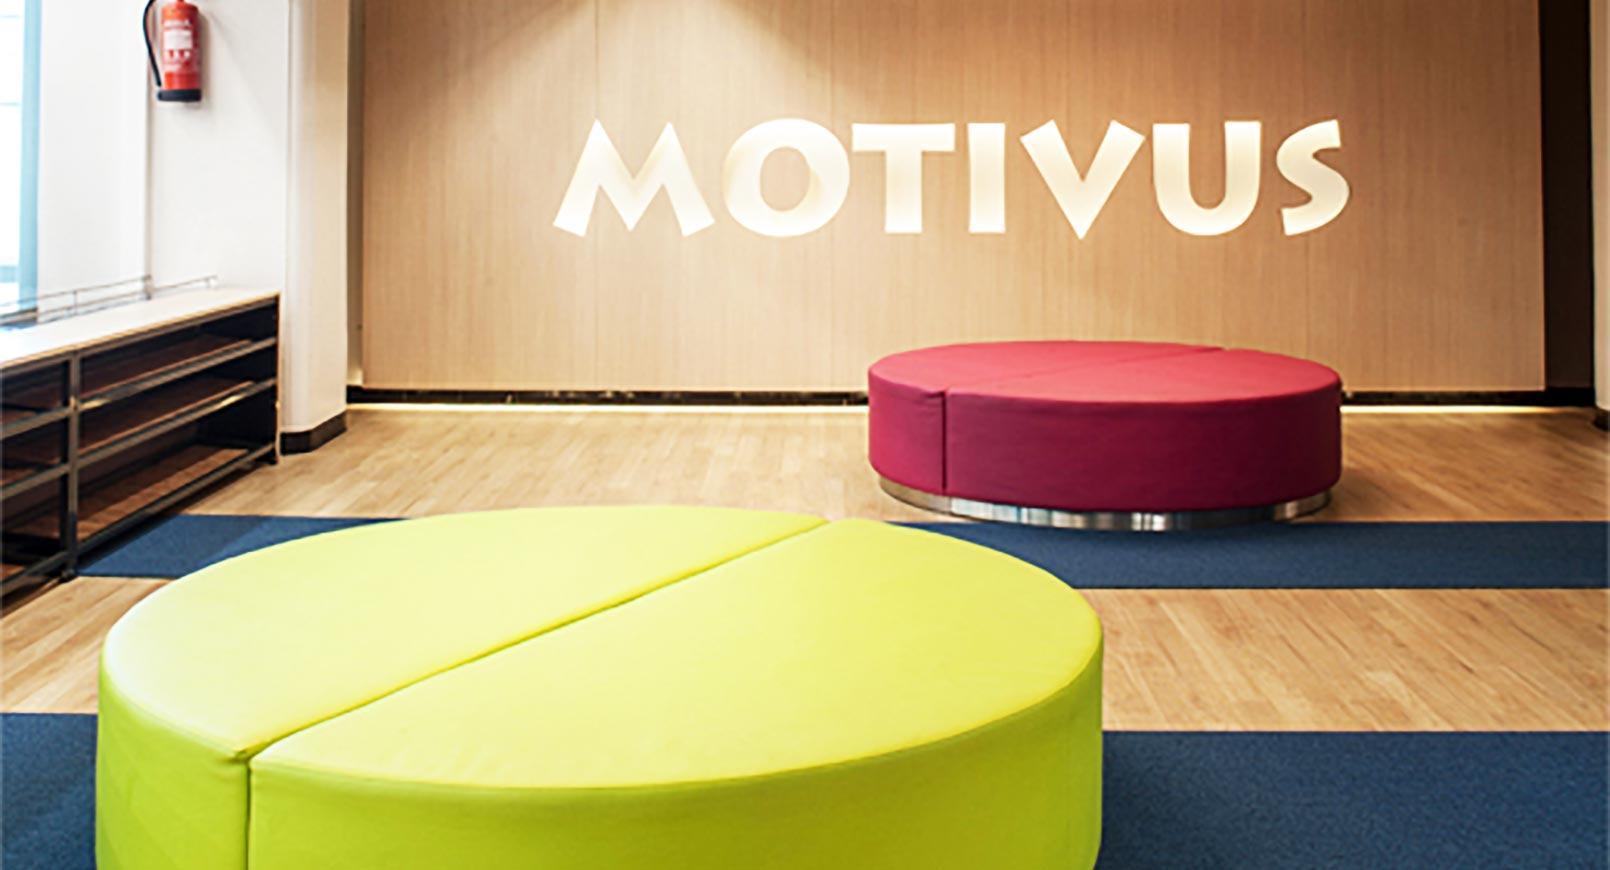 Motivus Ruoholahti – Rune & Berg Design